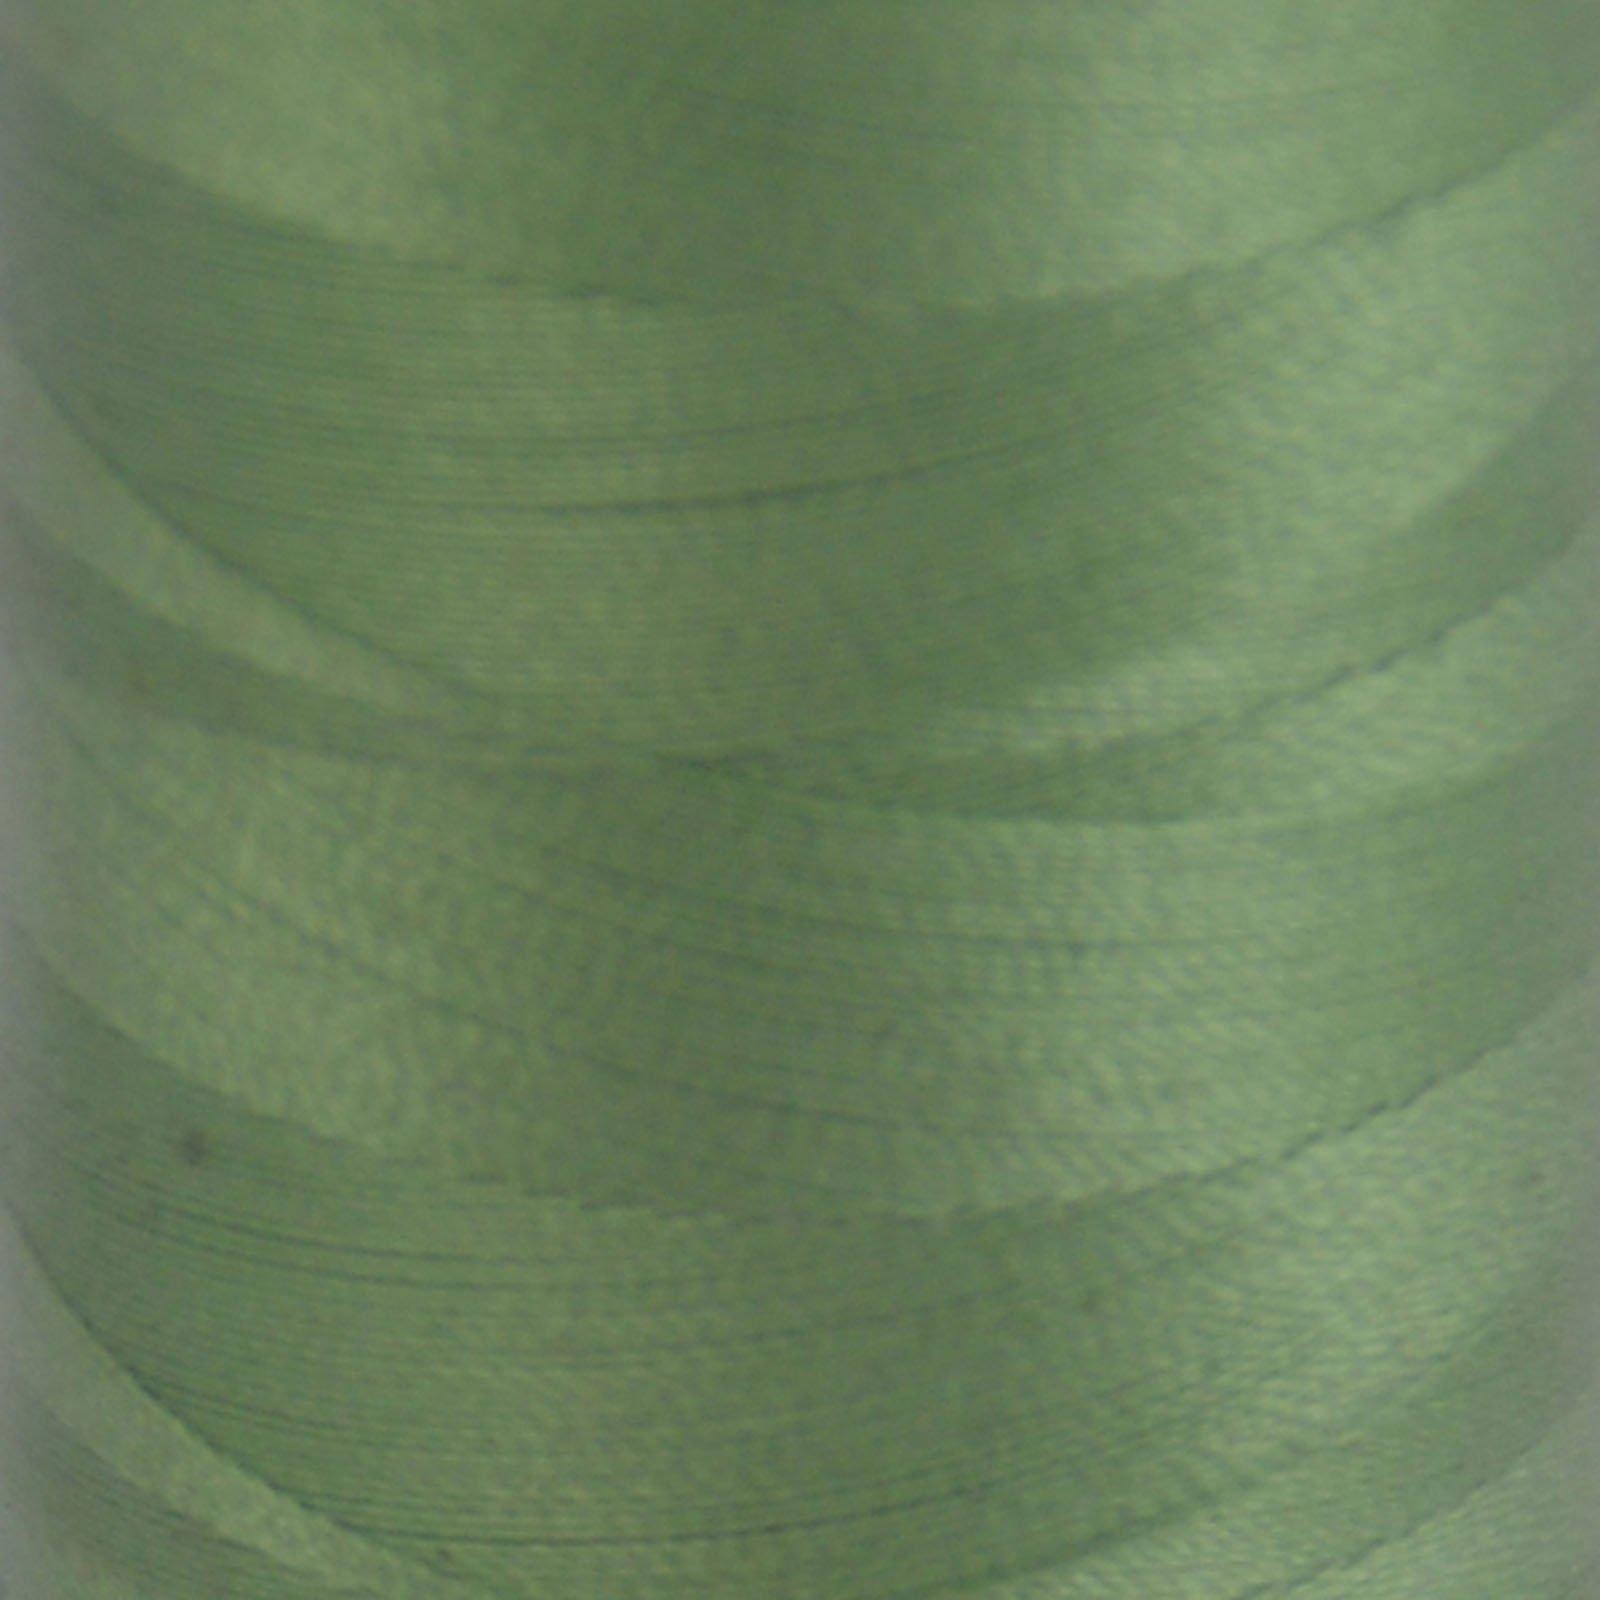 # 2840 Loden Green